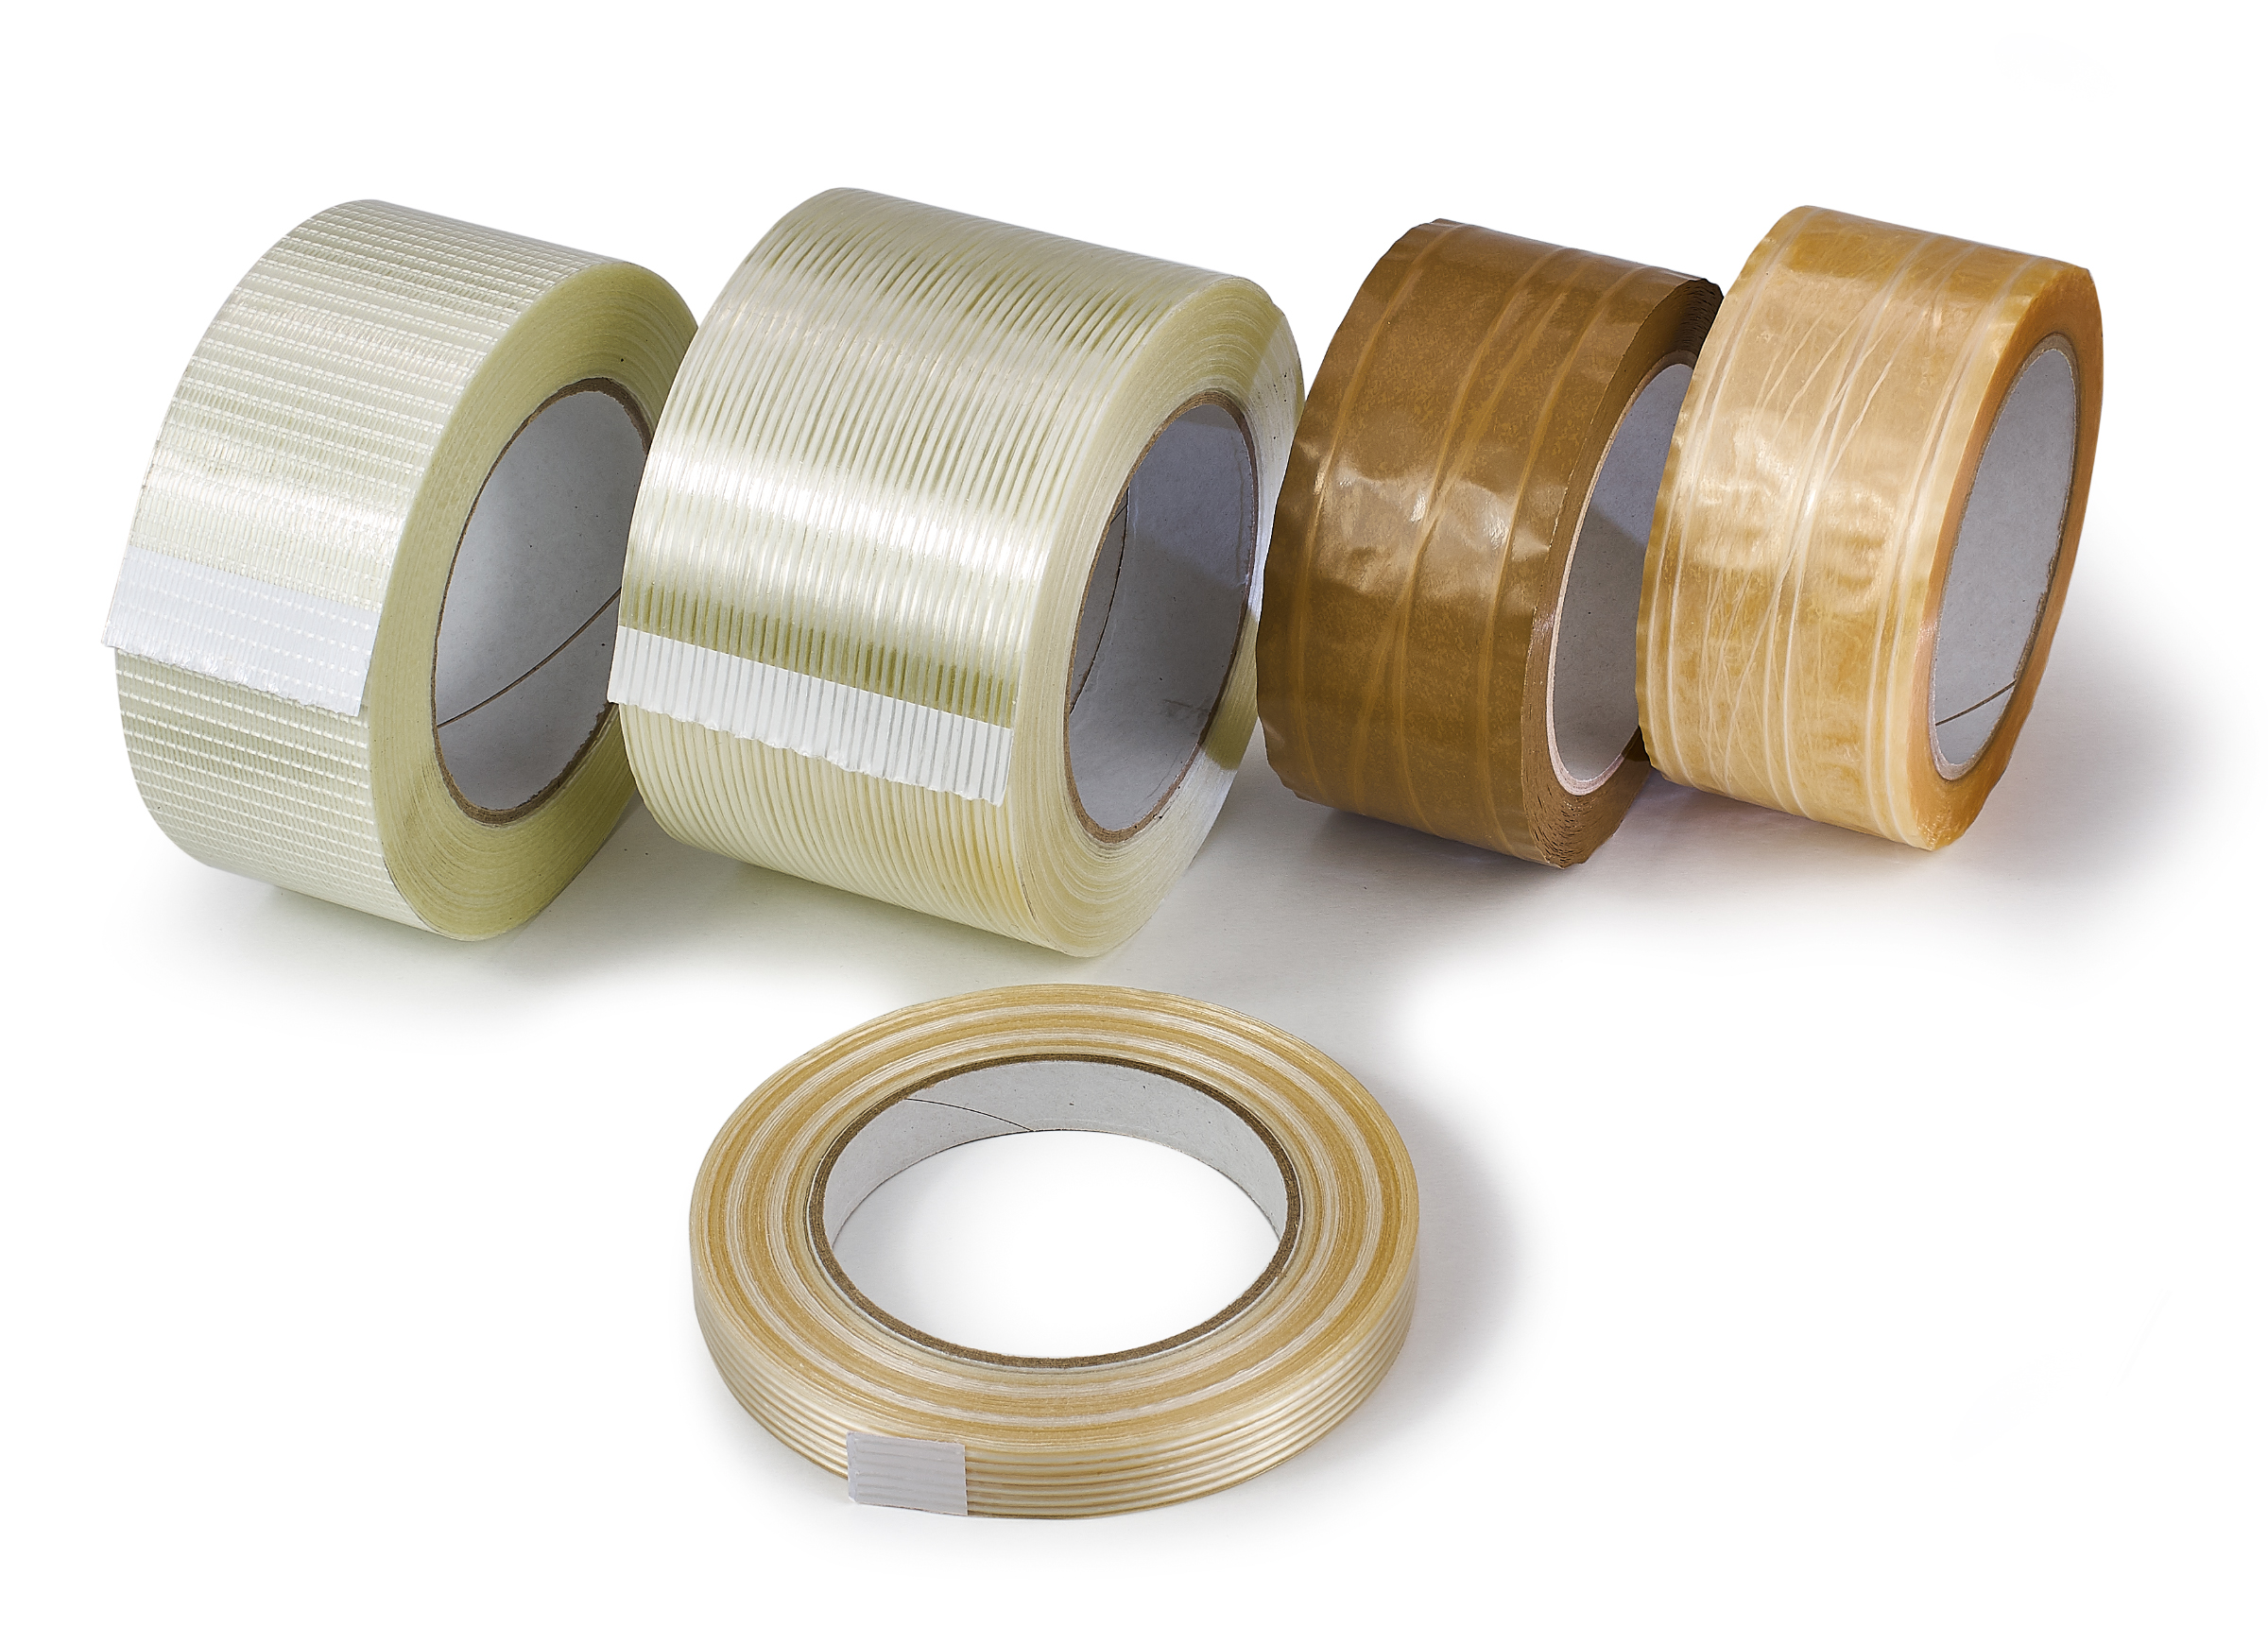 Filamentklebeband und Fadenversärkung